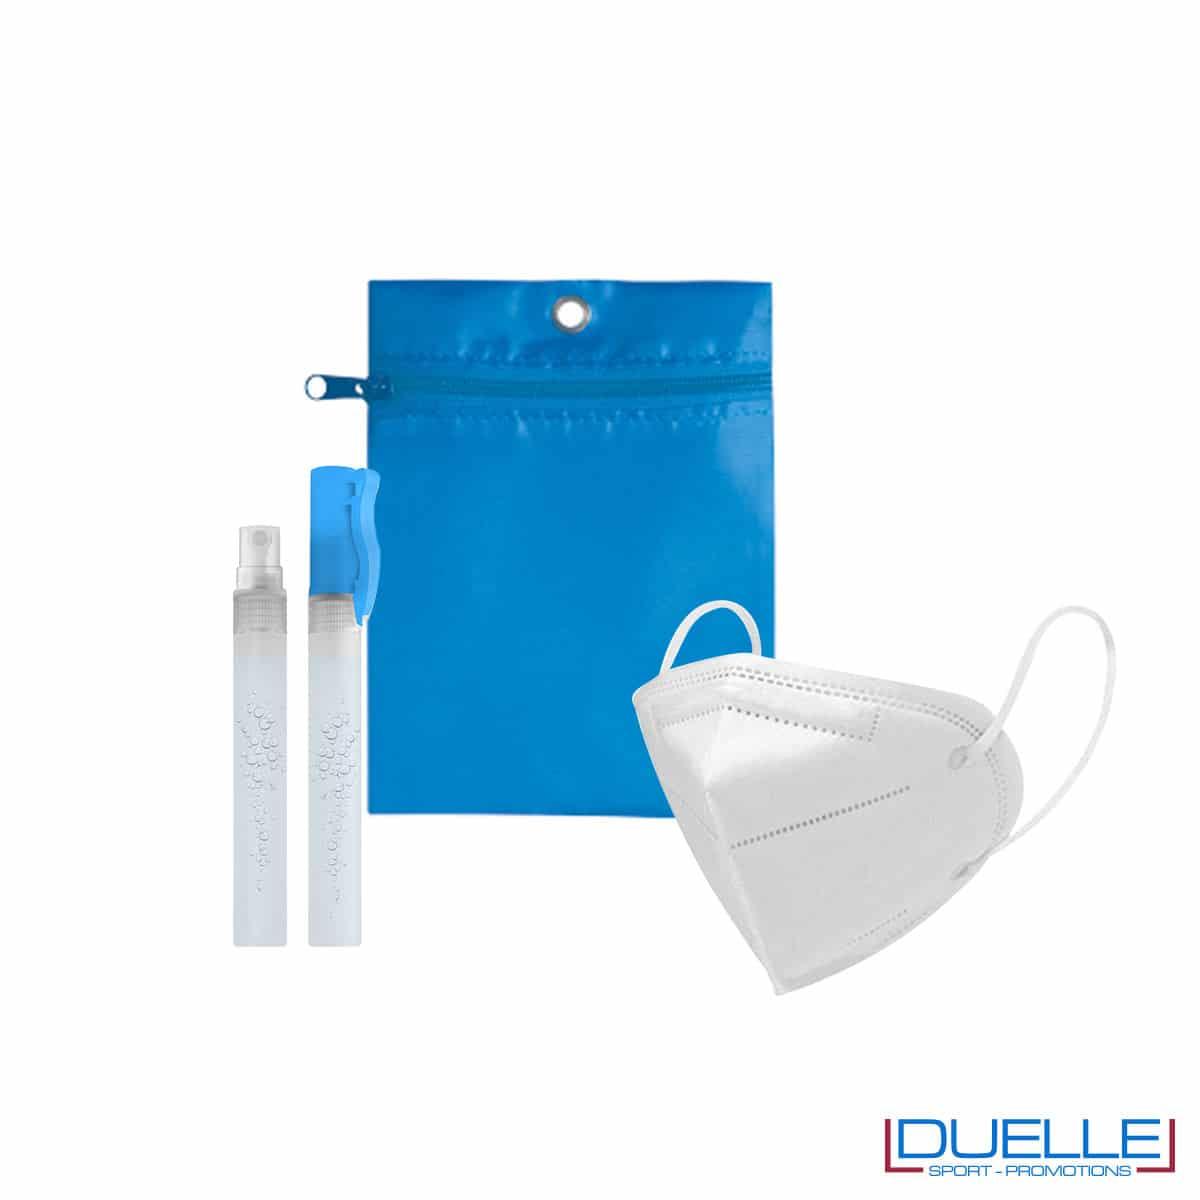 Kit di benvenuto igienizzante colore azzurro personalizzato con il tuo logo